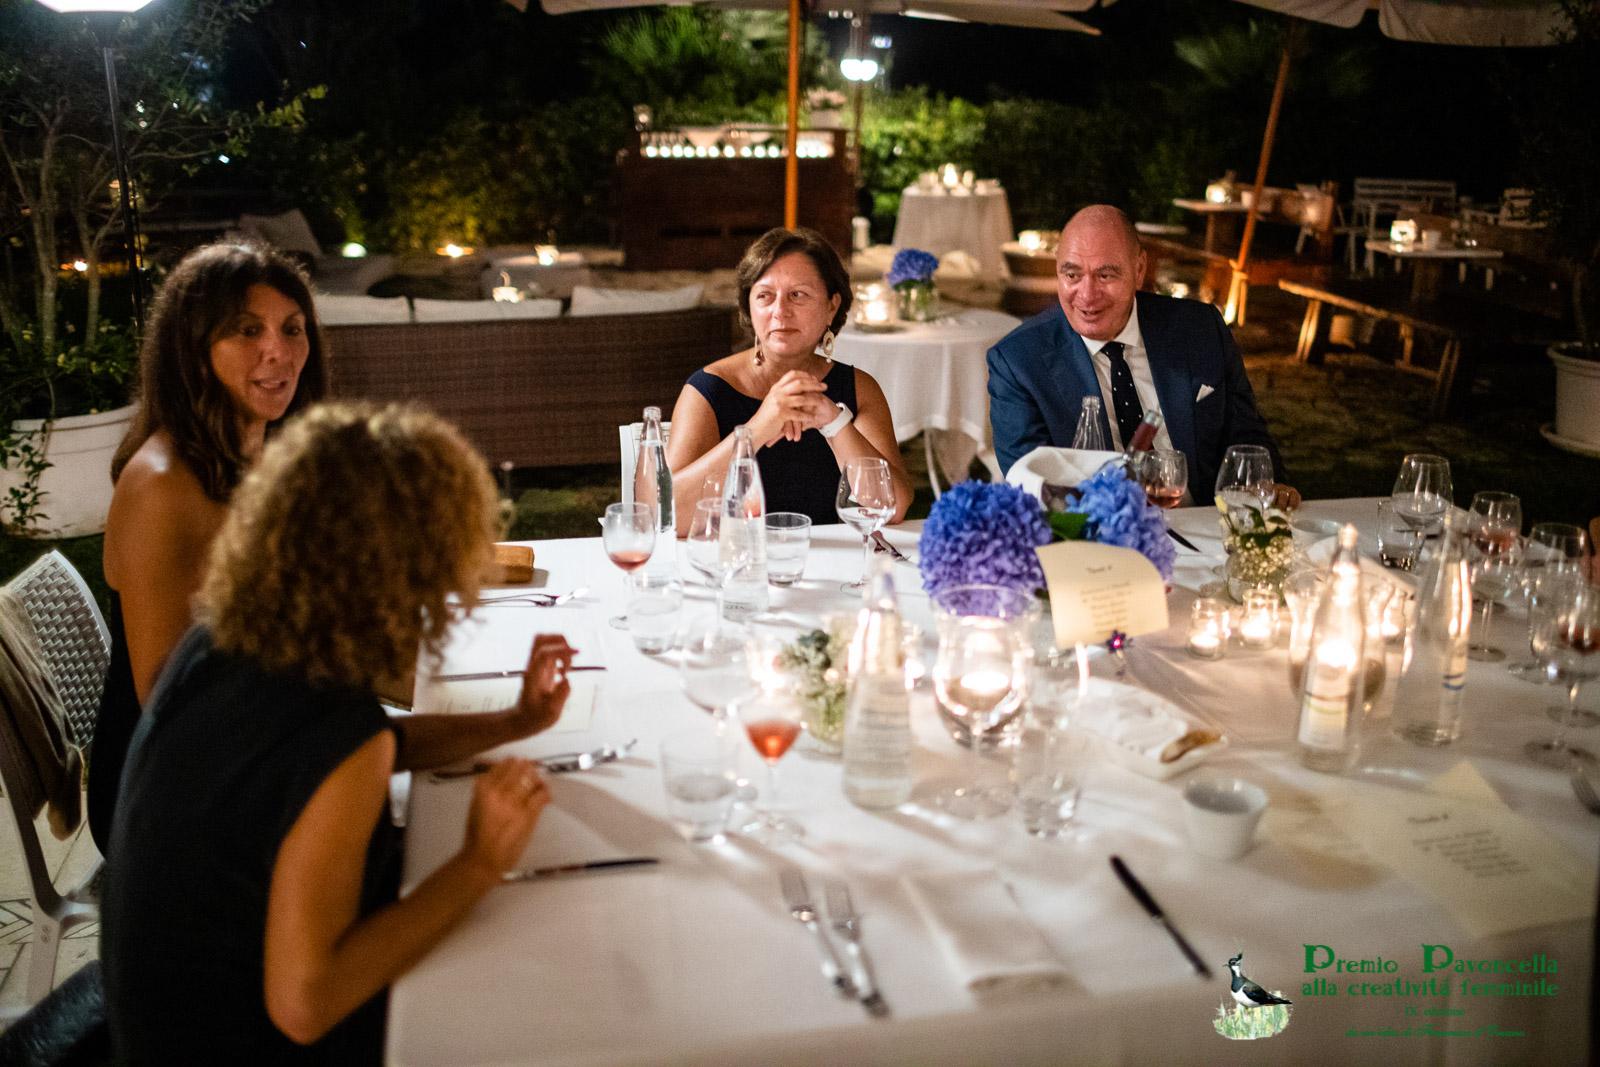 Il dottor Massimiliano Paolucci, neo direttore relazioni esterne e sostenibilità del Gruppo Terna con la consorte